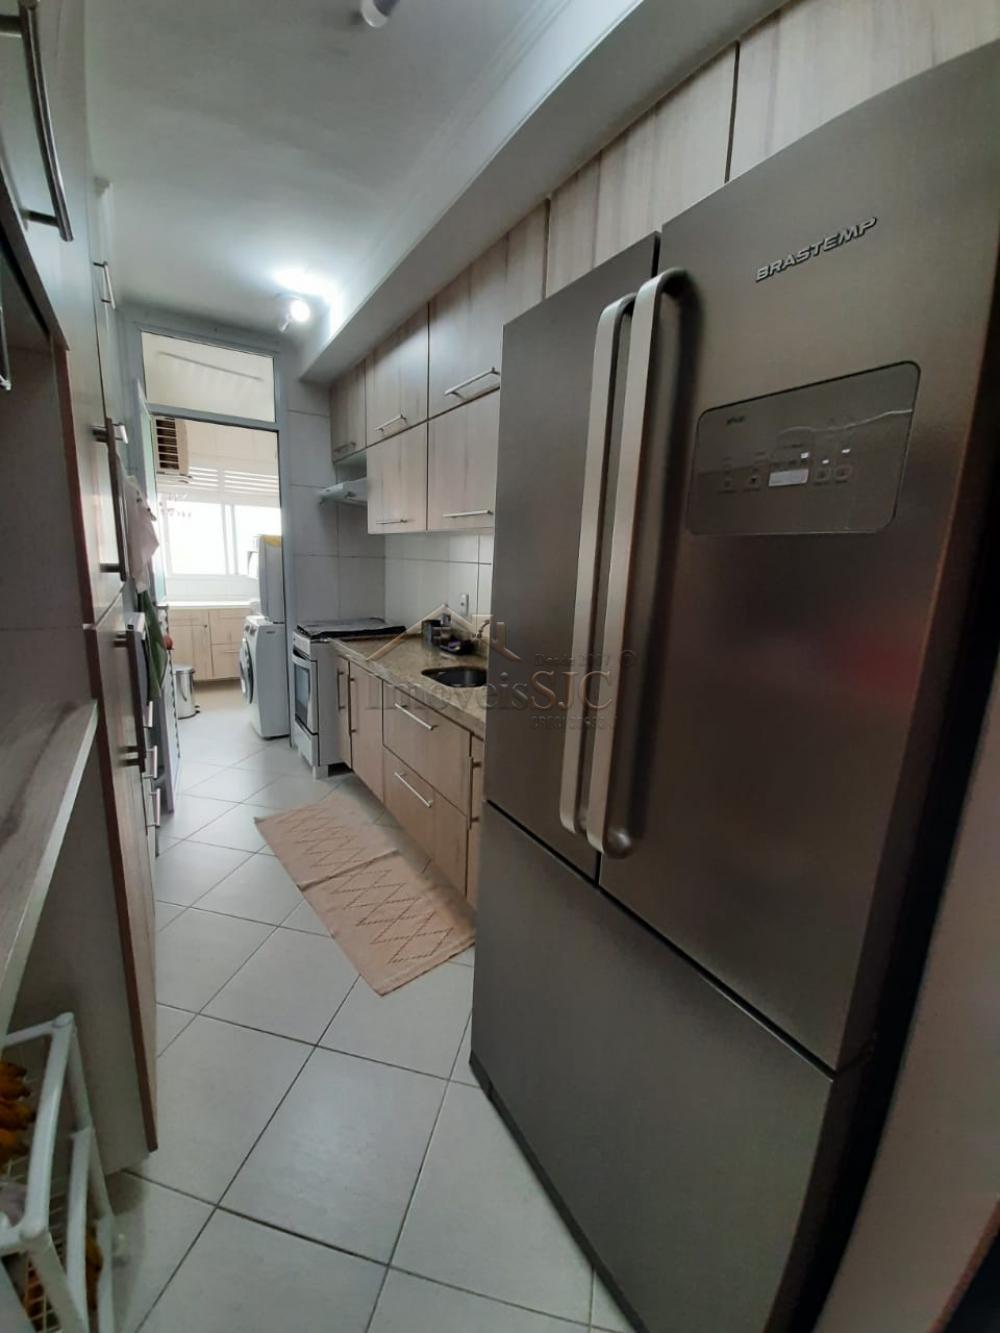 Comprar Apartamentos / Padrão em São José dos Campos apenas R$ 600.000,00 - Foto 15